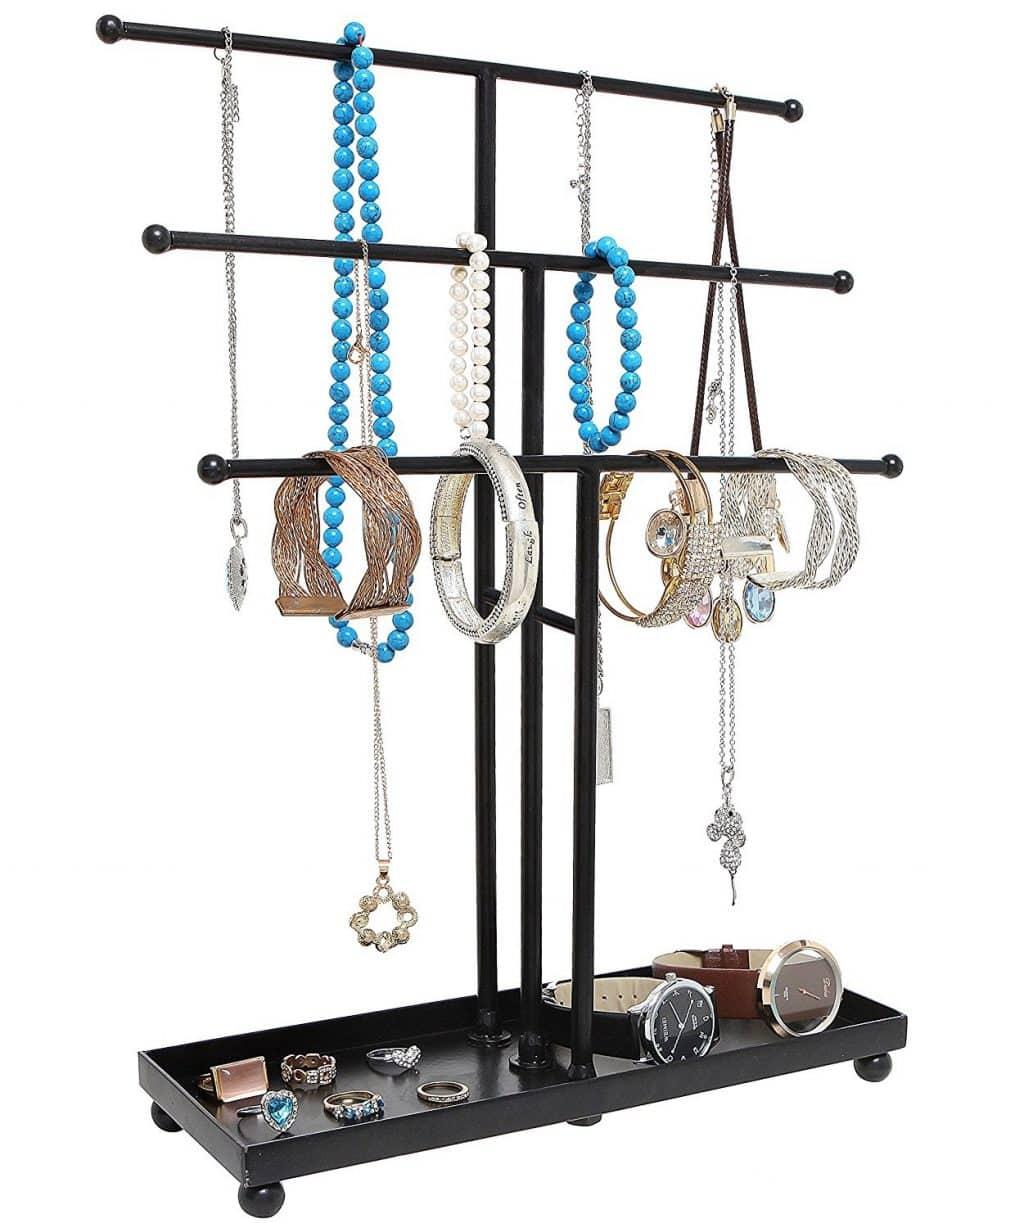 MyGift Jewelry Organizer